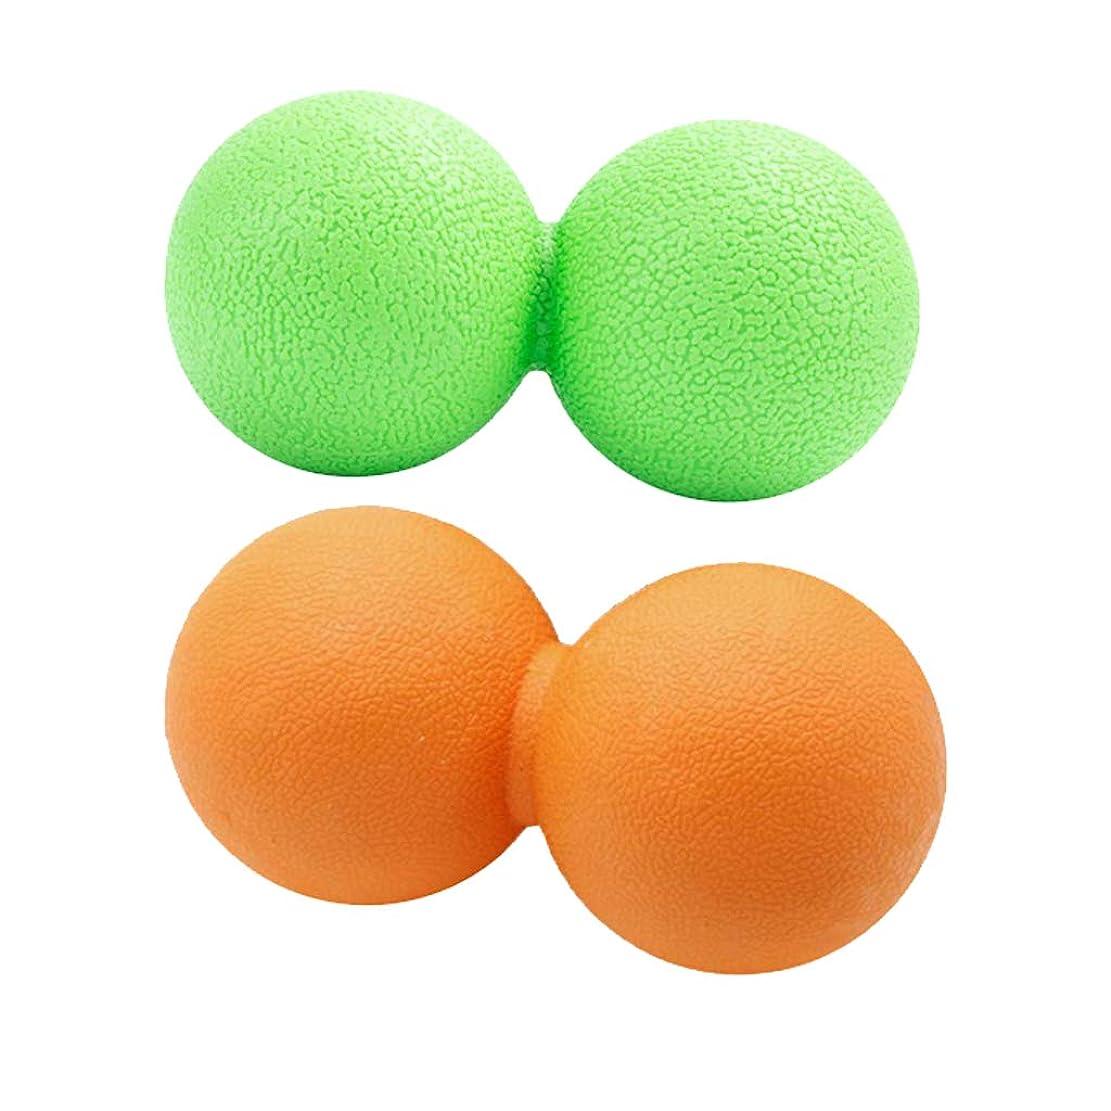 不可能な圧倒的例示するF Fityle マッサージボール ピーナッツ型 筋膜リリース トリガーポイント 緊張緩和 健康グッズ 2個入